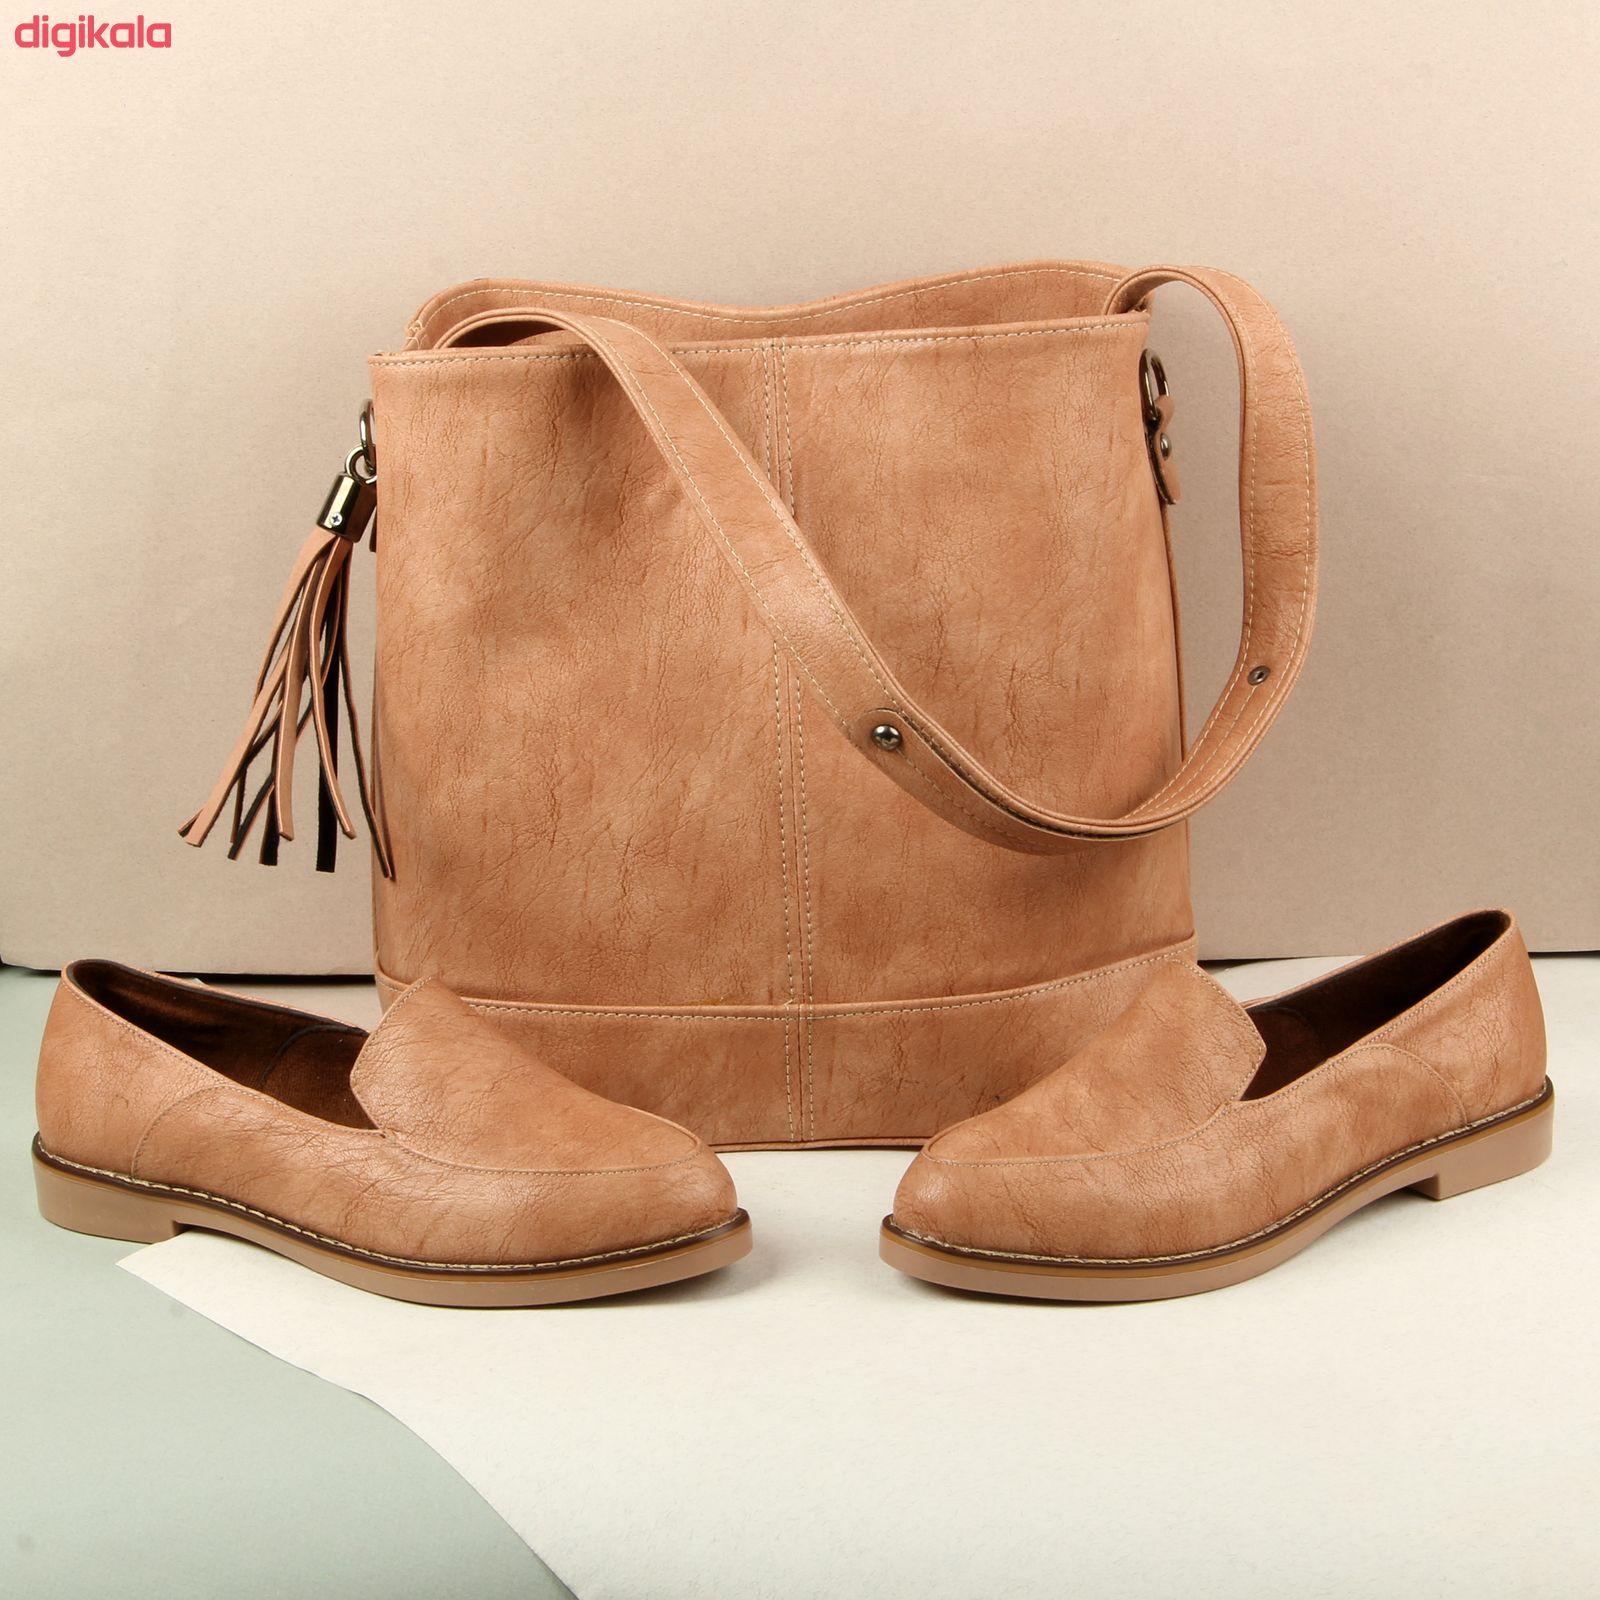 ست کیف و کفش زنانه کد 910-1 main 1 11